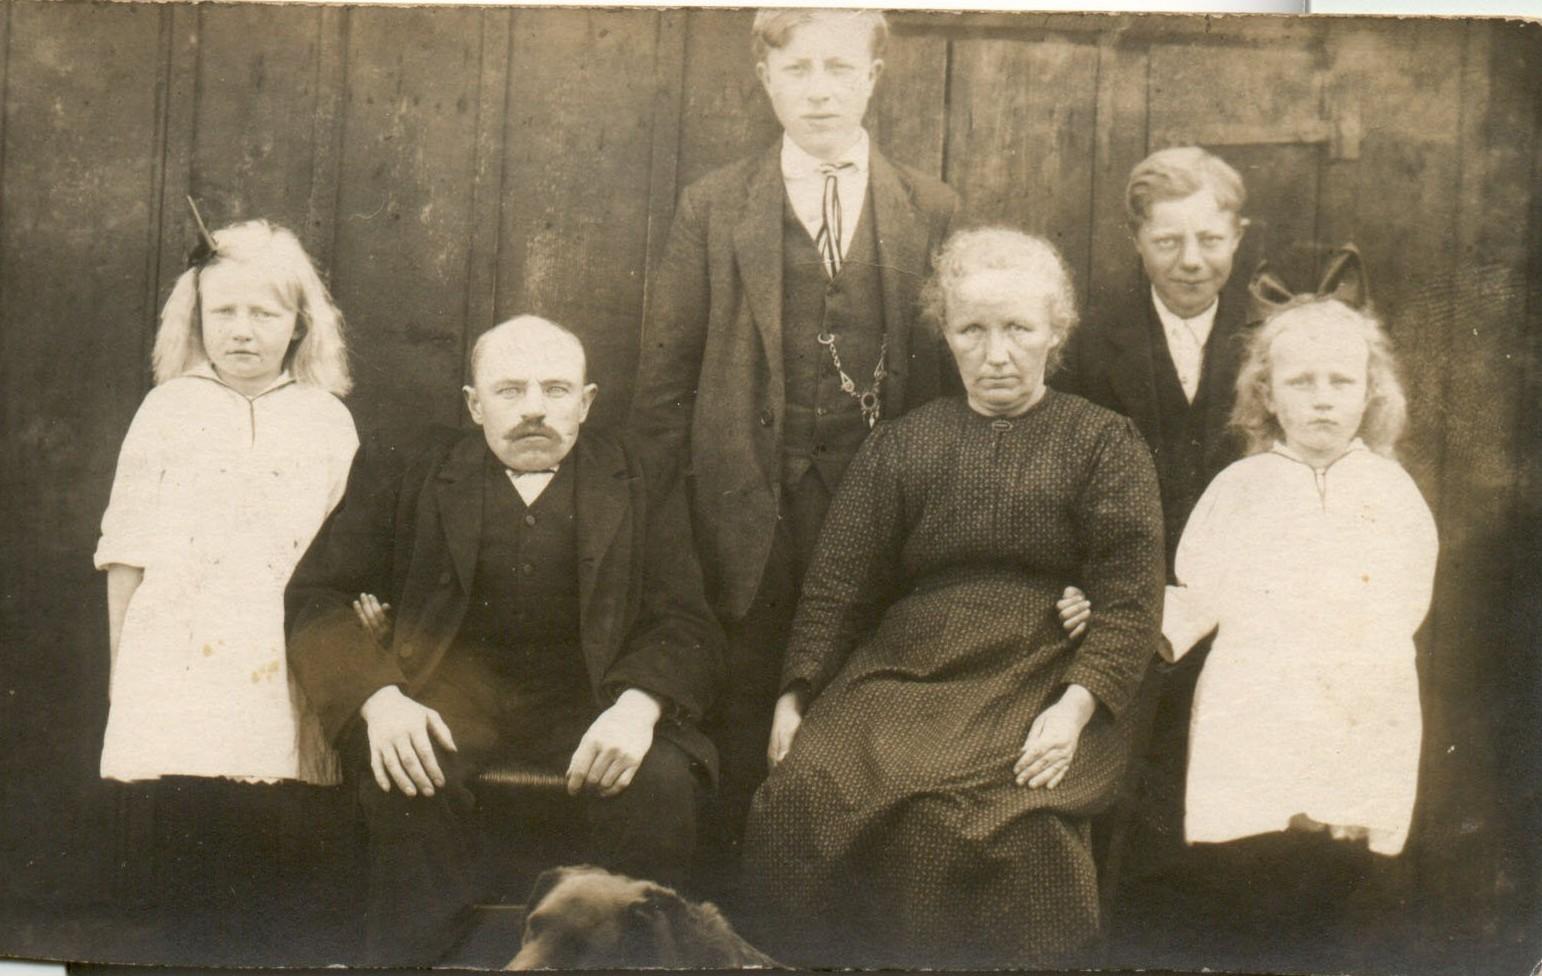 http://freepages.genealogy.rootsweb.com/~reindervantil/AikoOverkampFamilie.jpg